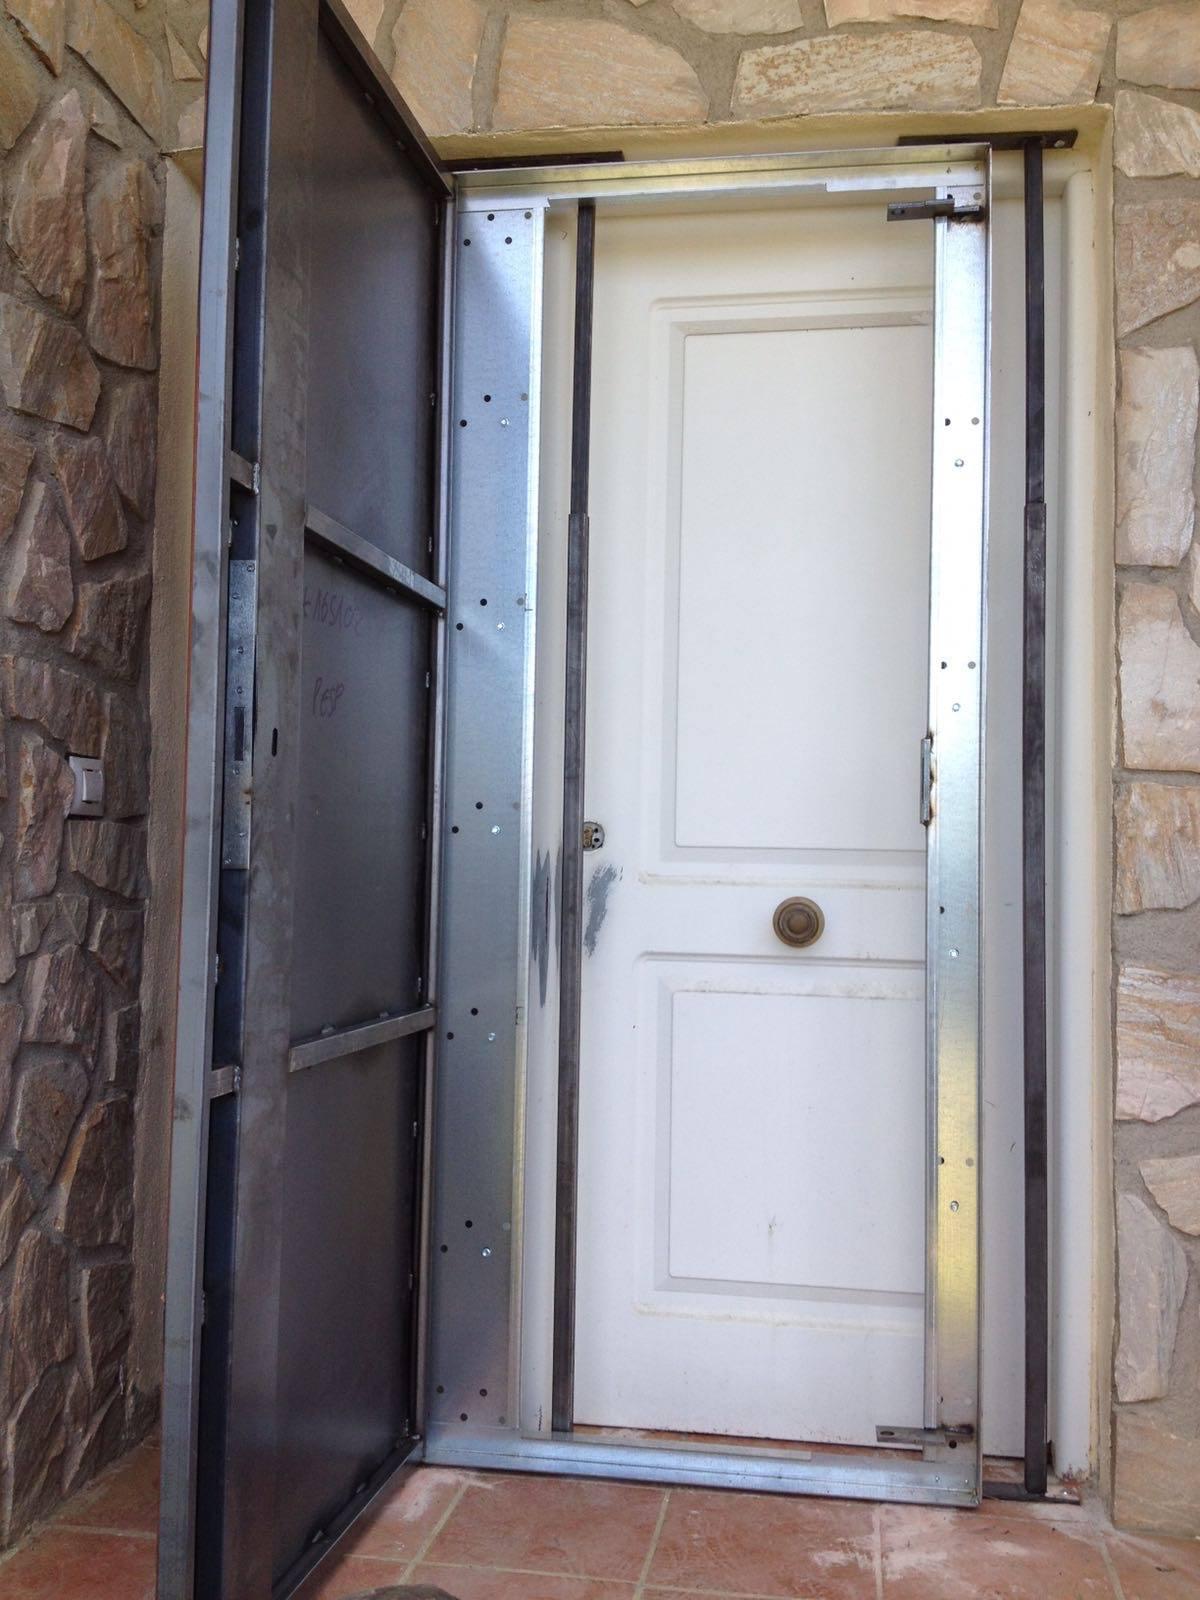 alquiler puertas anti okupa - Alquiler Puerta Antiokupa y Alarmas Antiokupa